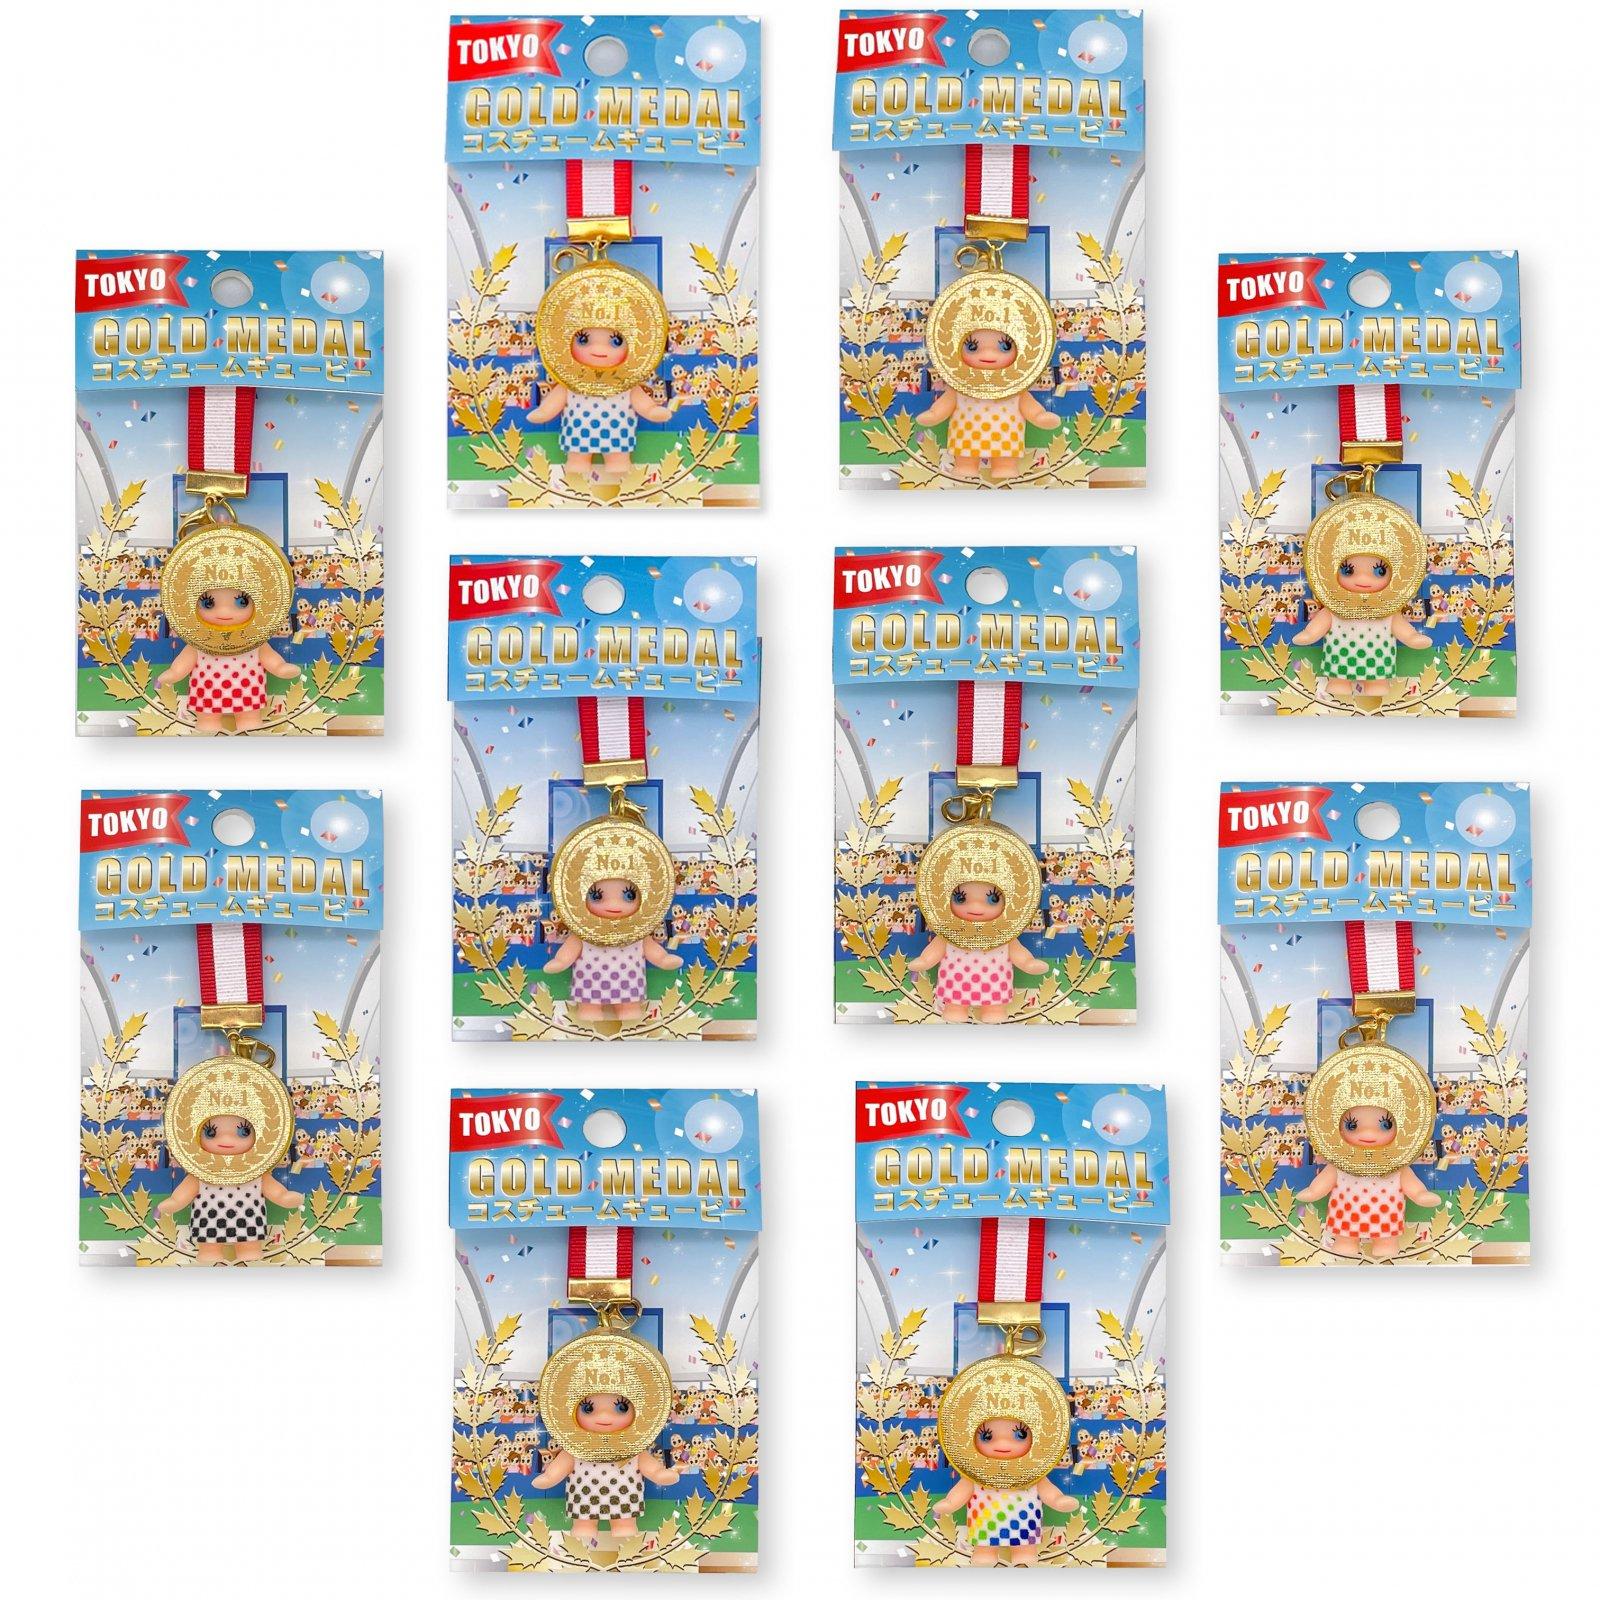 【送料無料】ゴールドメダルコスチュームキューピー・全10種セット